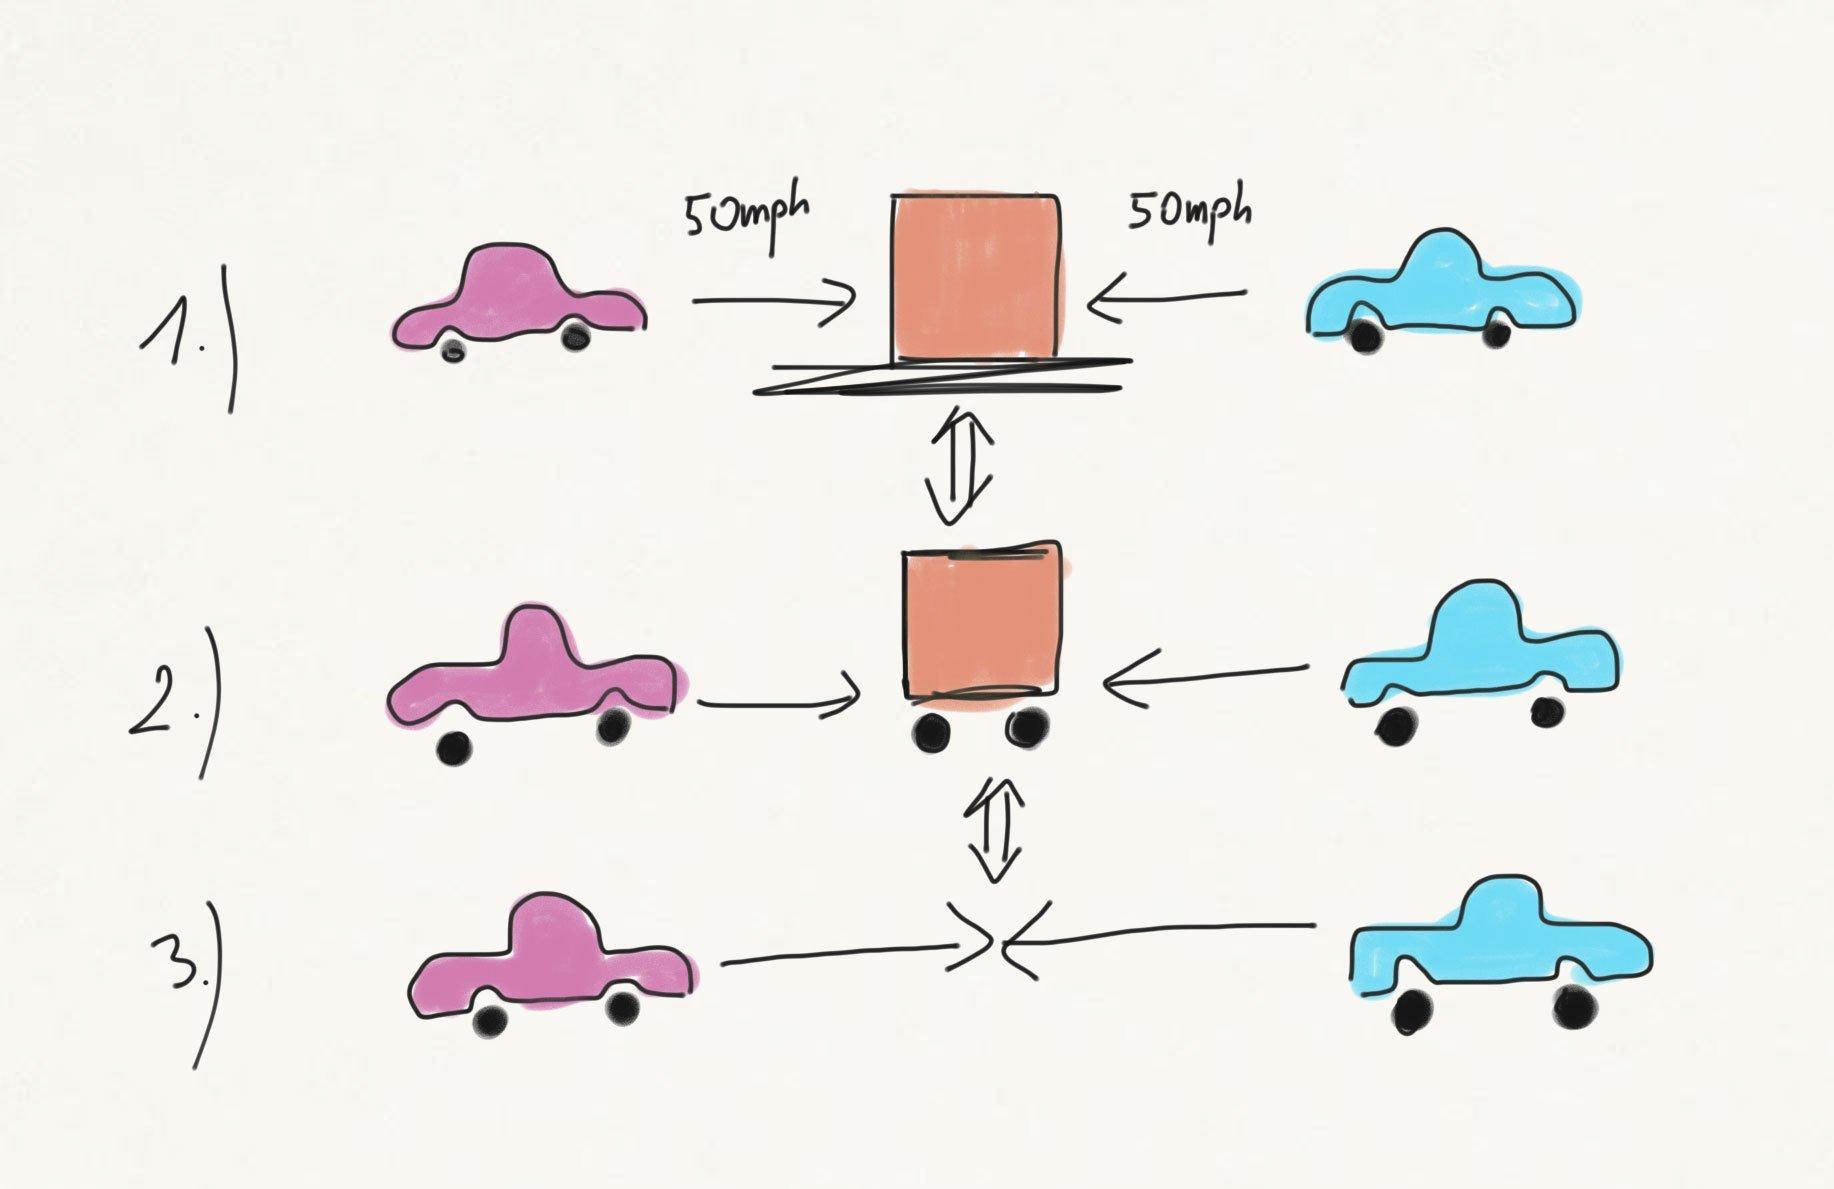 zwei-autos-frontal-crash-und-vor-die-wand